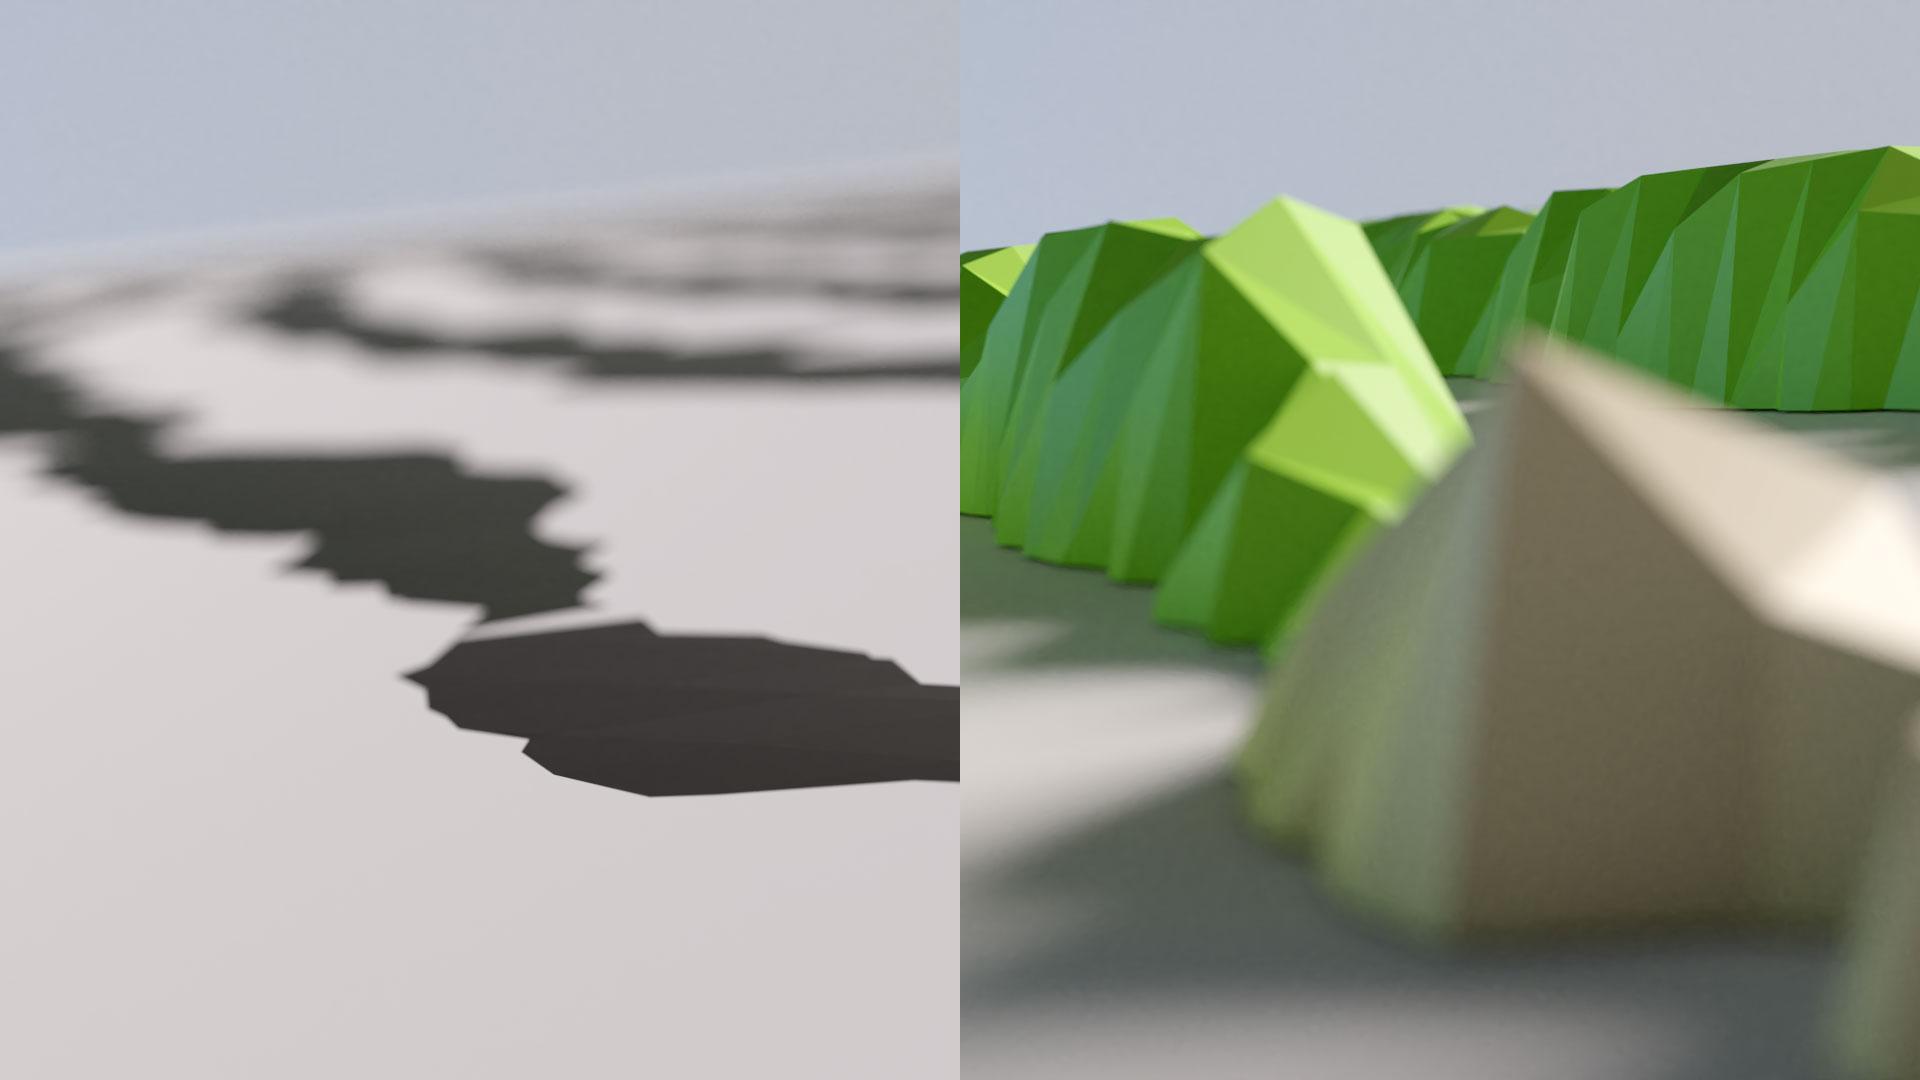 A comparison of 2D and 3D fingerprints